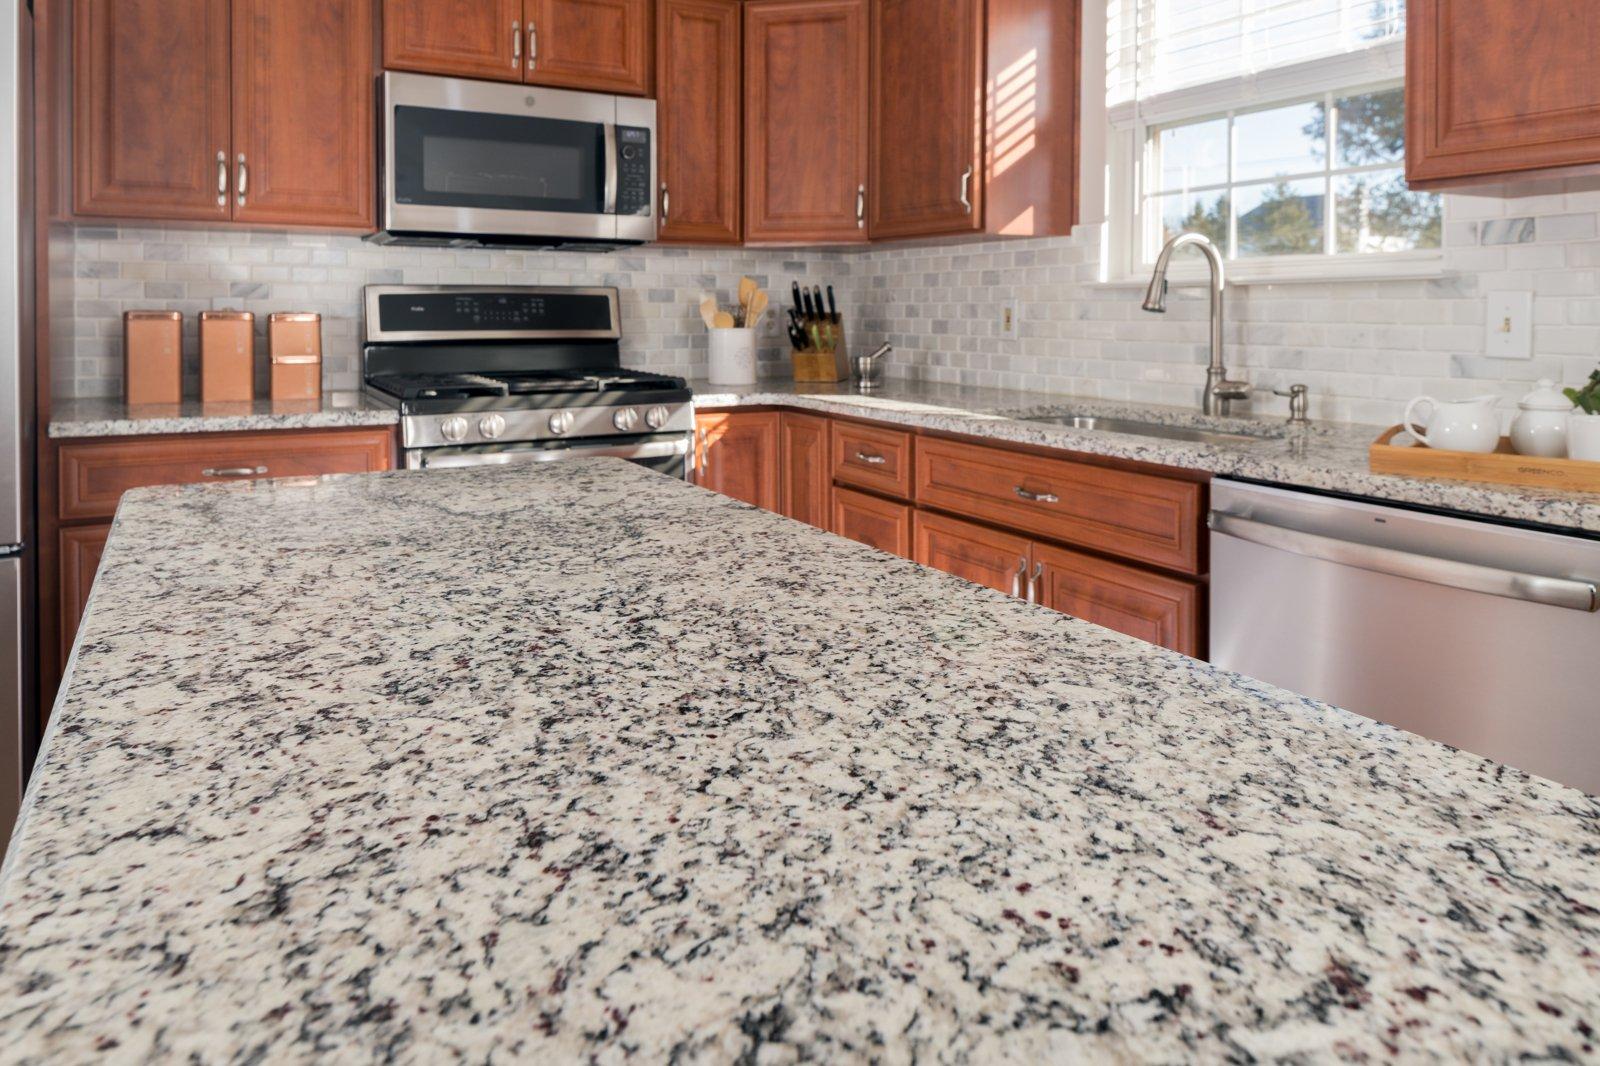 Most Popular Granite Countertop Colors UPDATED